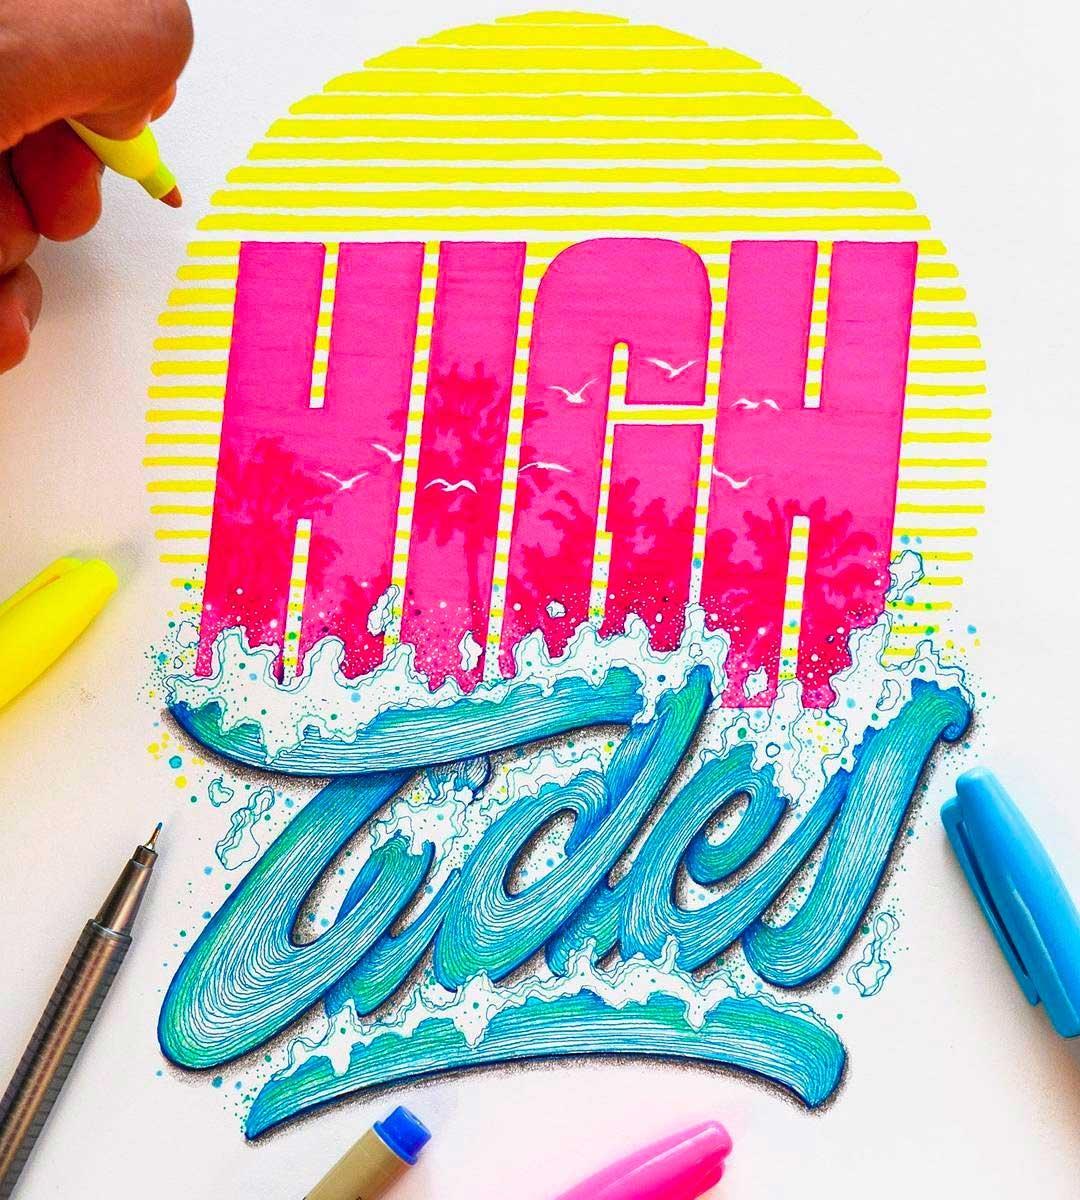 Cooles Lettering von Juantastico Juantastico-typografie_07